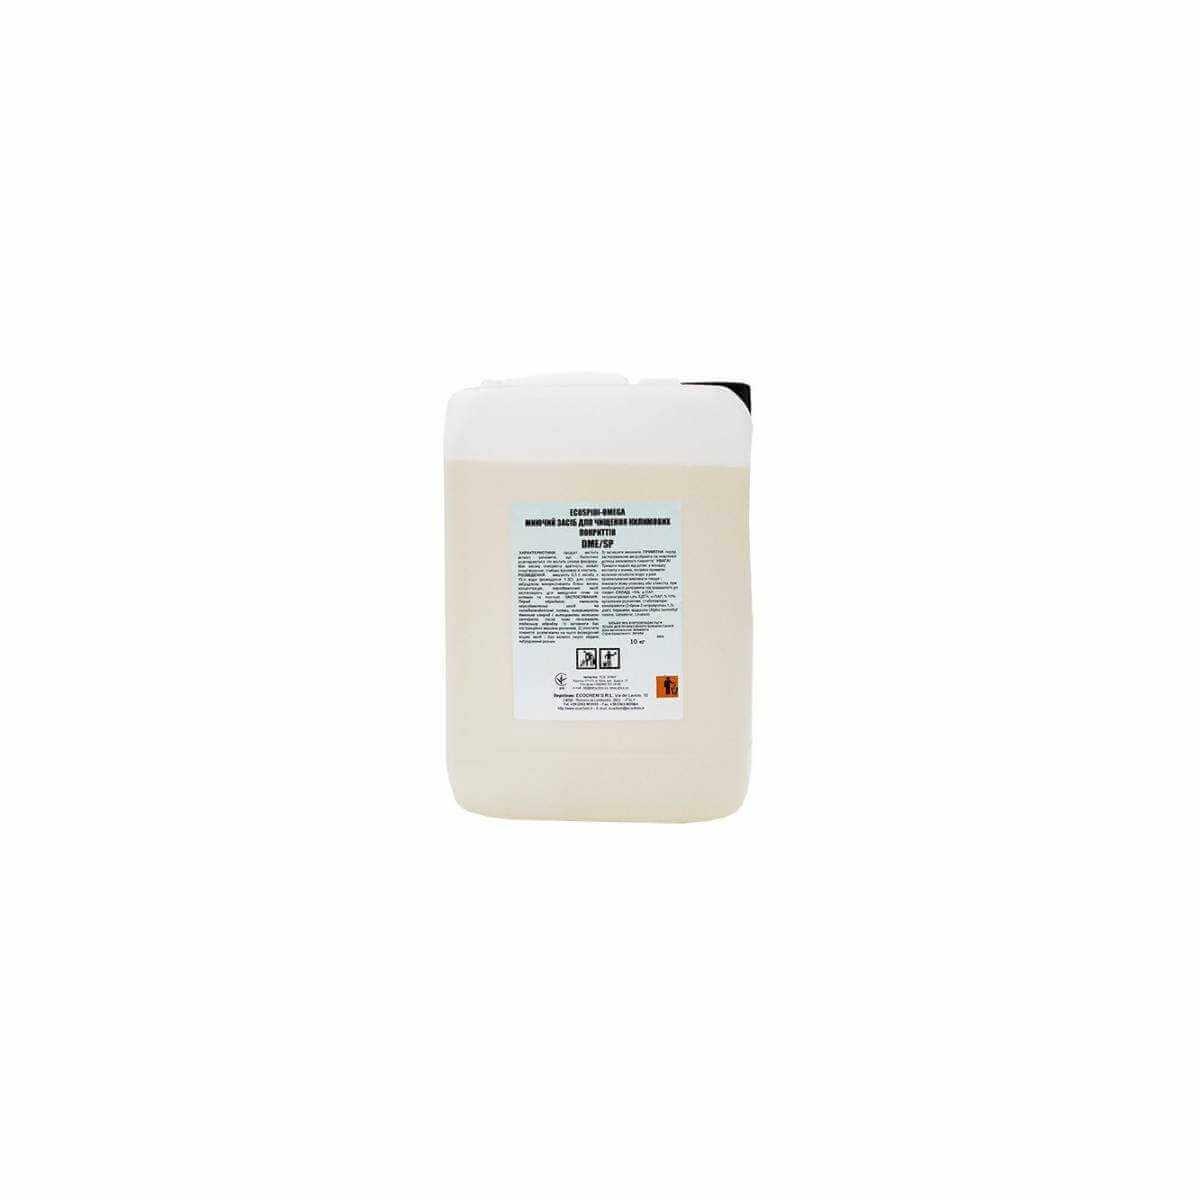 Средство для чистки ковровых покрытий, Omega 10кг 011009BK010A045 ECOCHEM